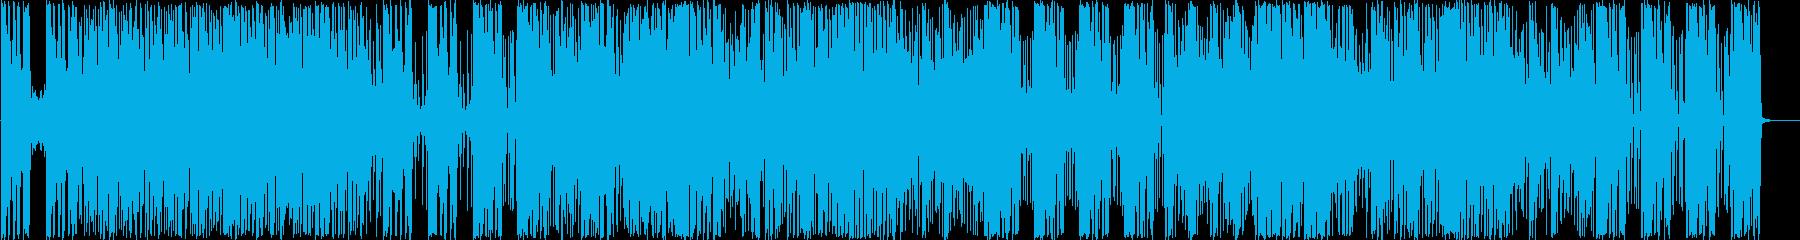 カフェで落ち着いて聴けるピアノトリオの再生済みの波形